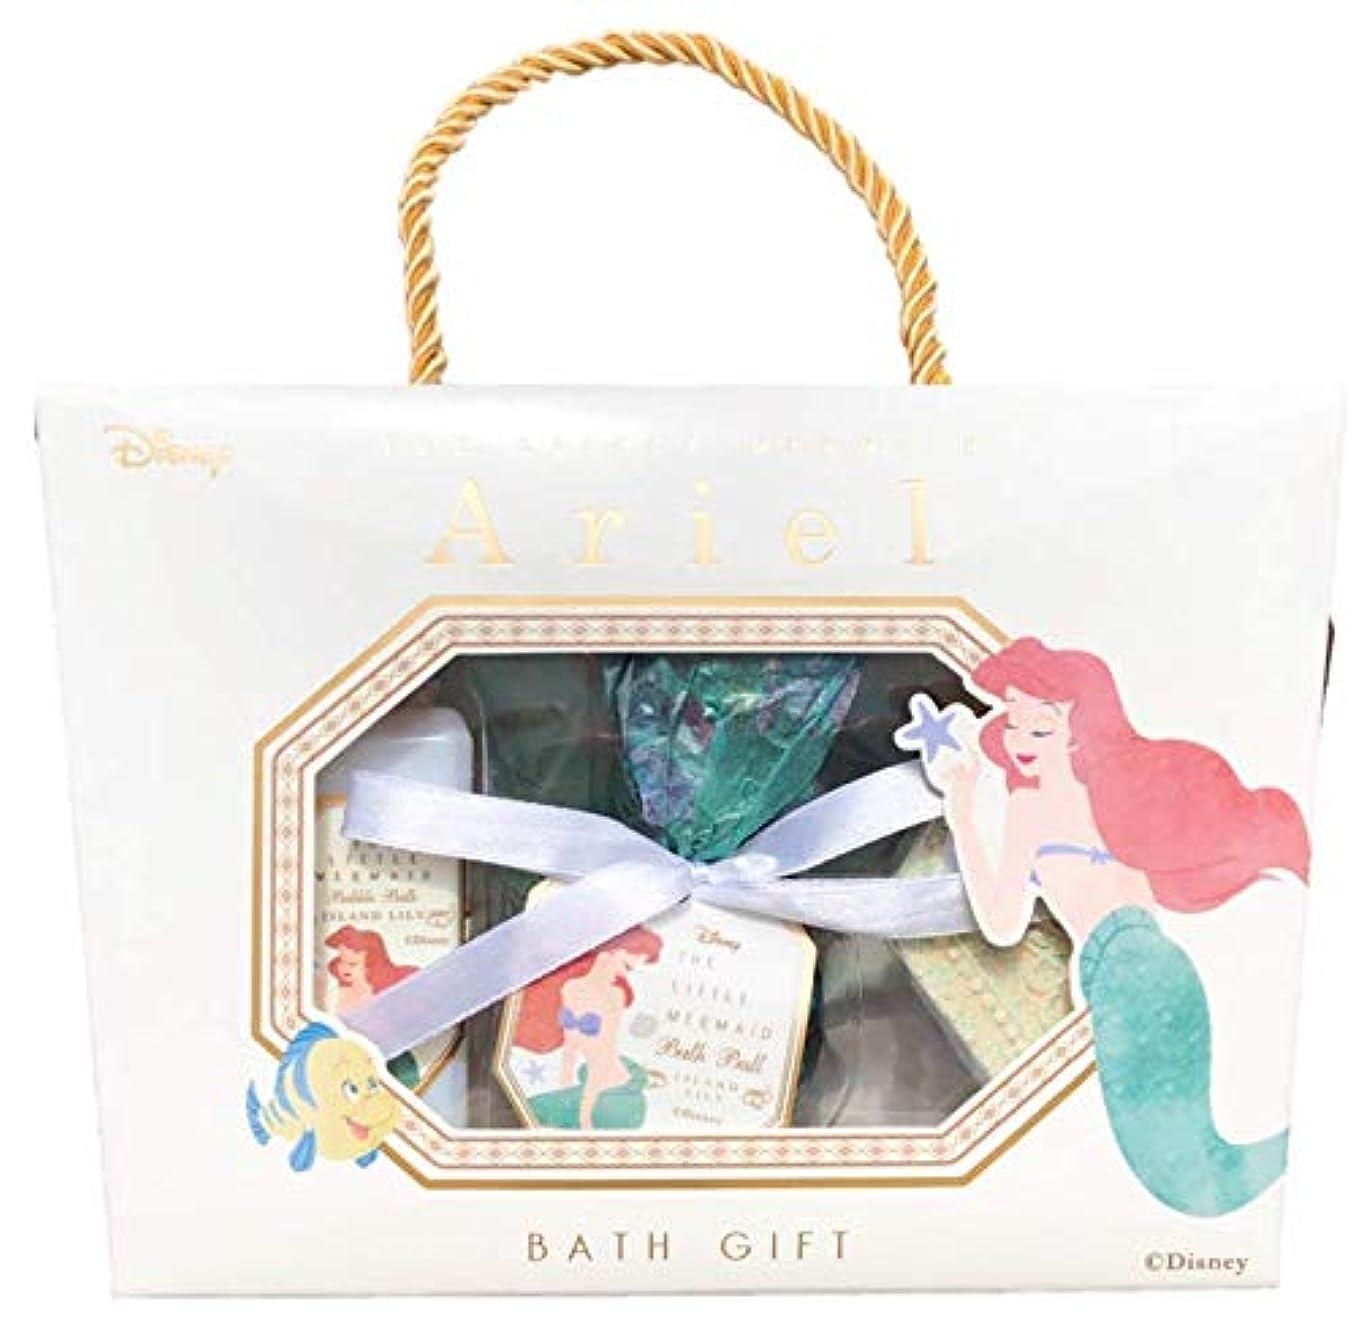 予想する幻滅するホイストディズニー(Disney)SHO-BI バスギフトM ギフトセット アリエル ディズニープリンセス リトルマーメイド 入浴剤 ギフト バスギフトセット プレゼント 大人 女の子 かわいい Ariel